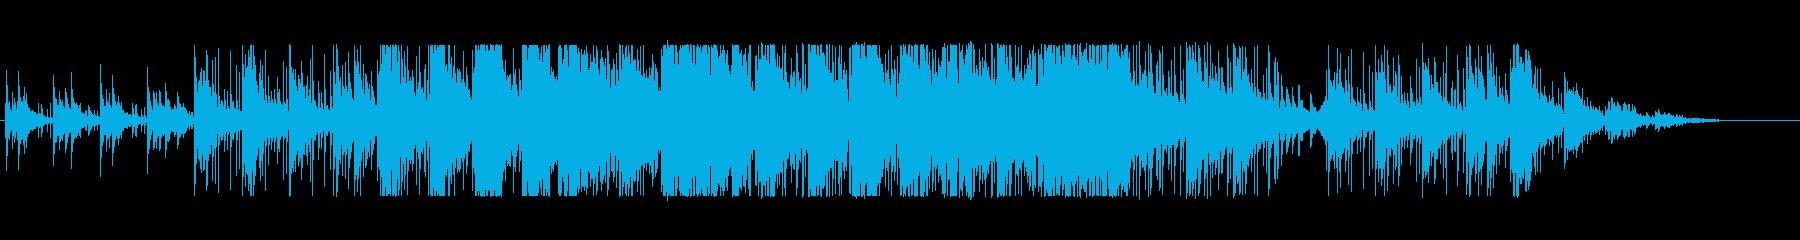 和風ホラー、サスペンス向けBGMの再生済みの波形